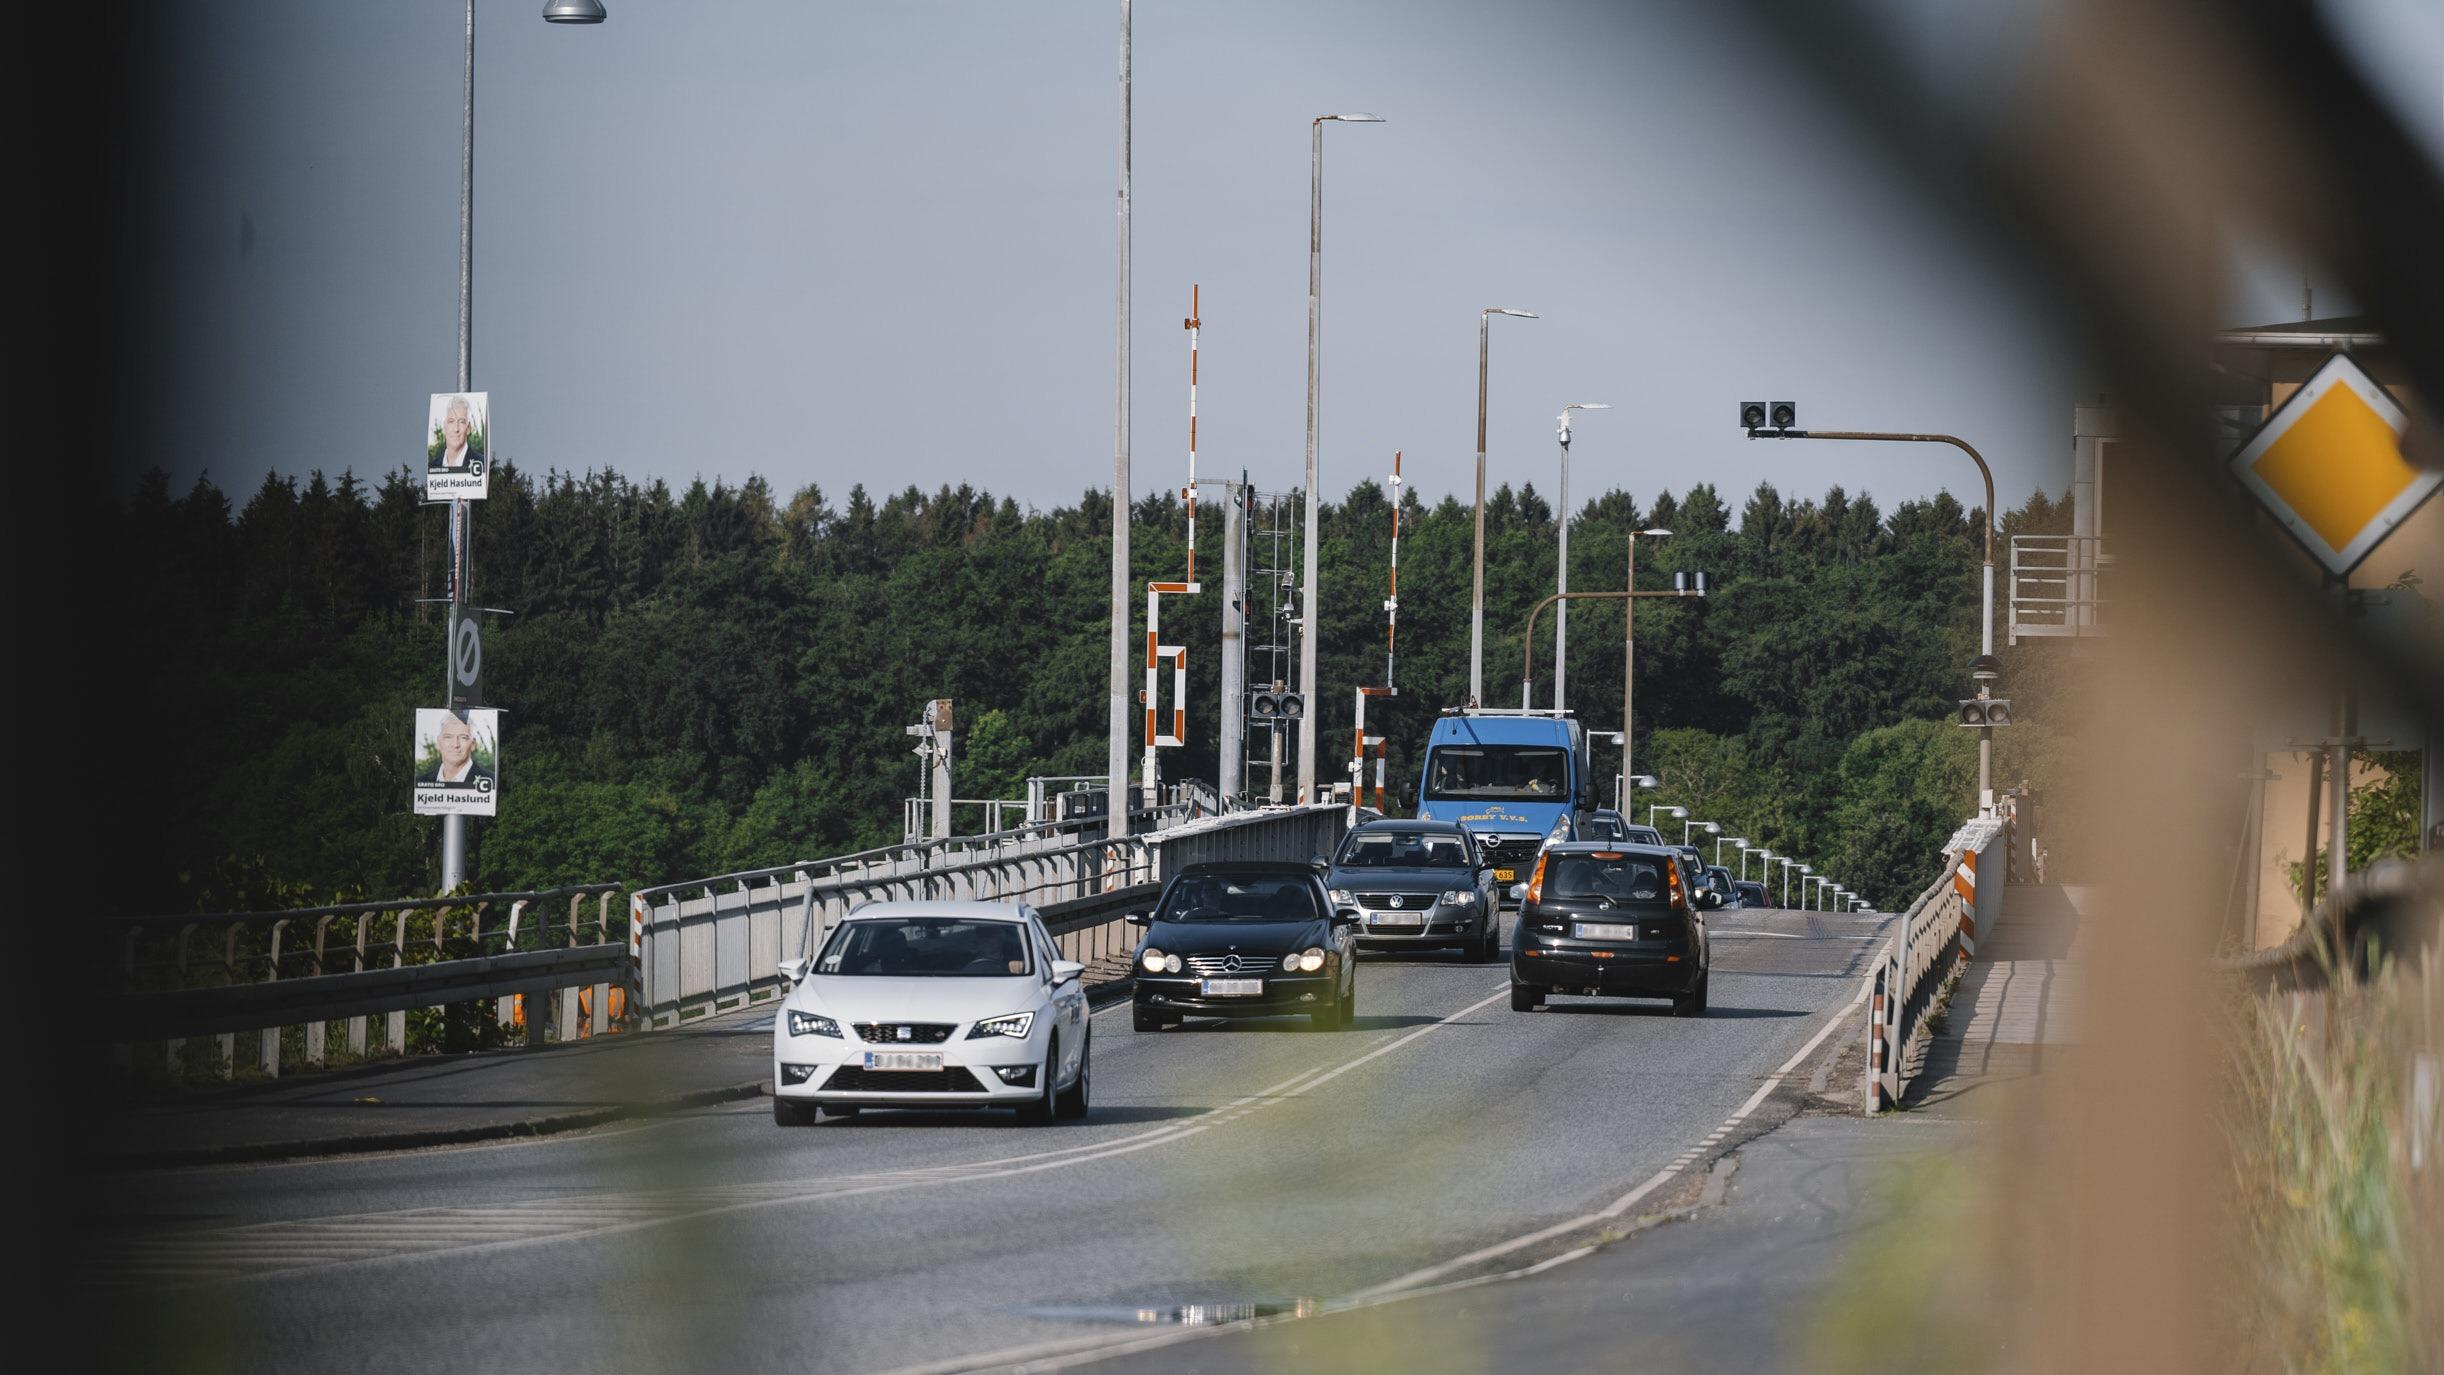 Landdistrikter: Dyrere bilkørsel kan skævvride Danmark